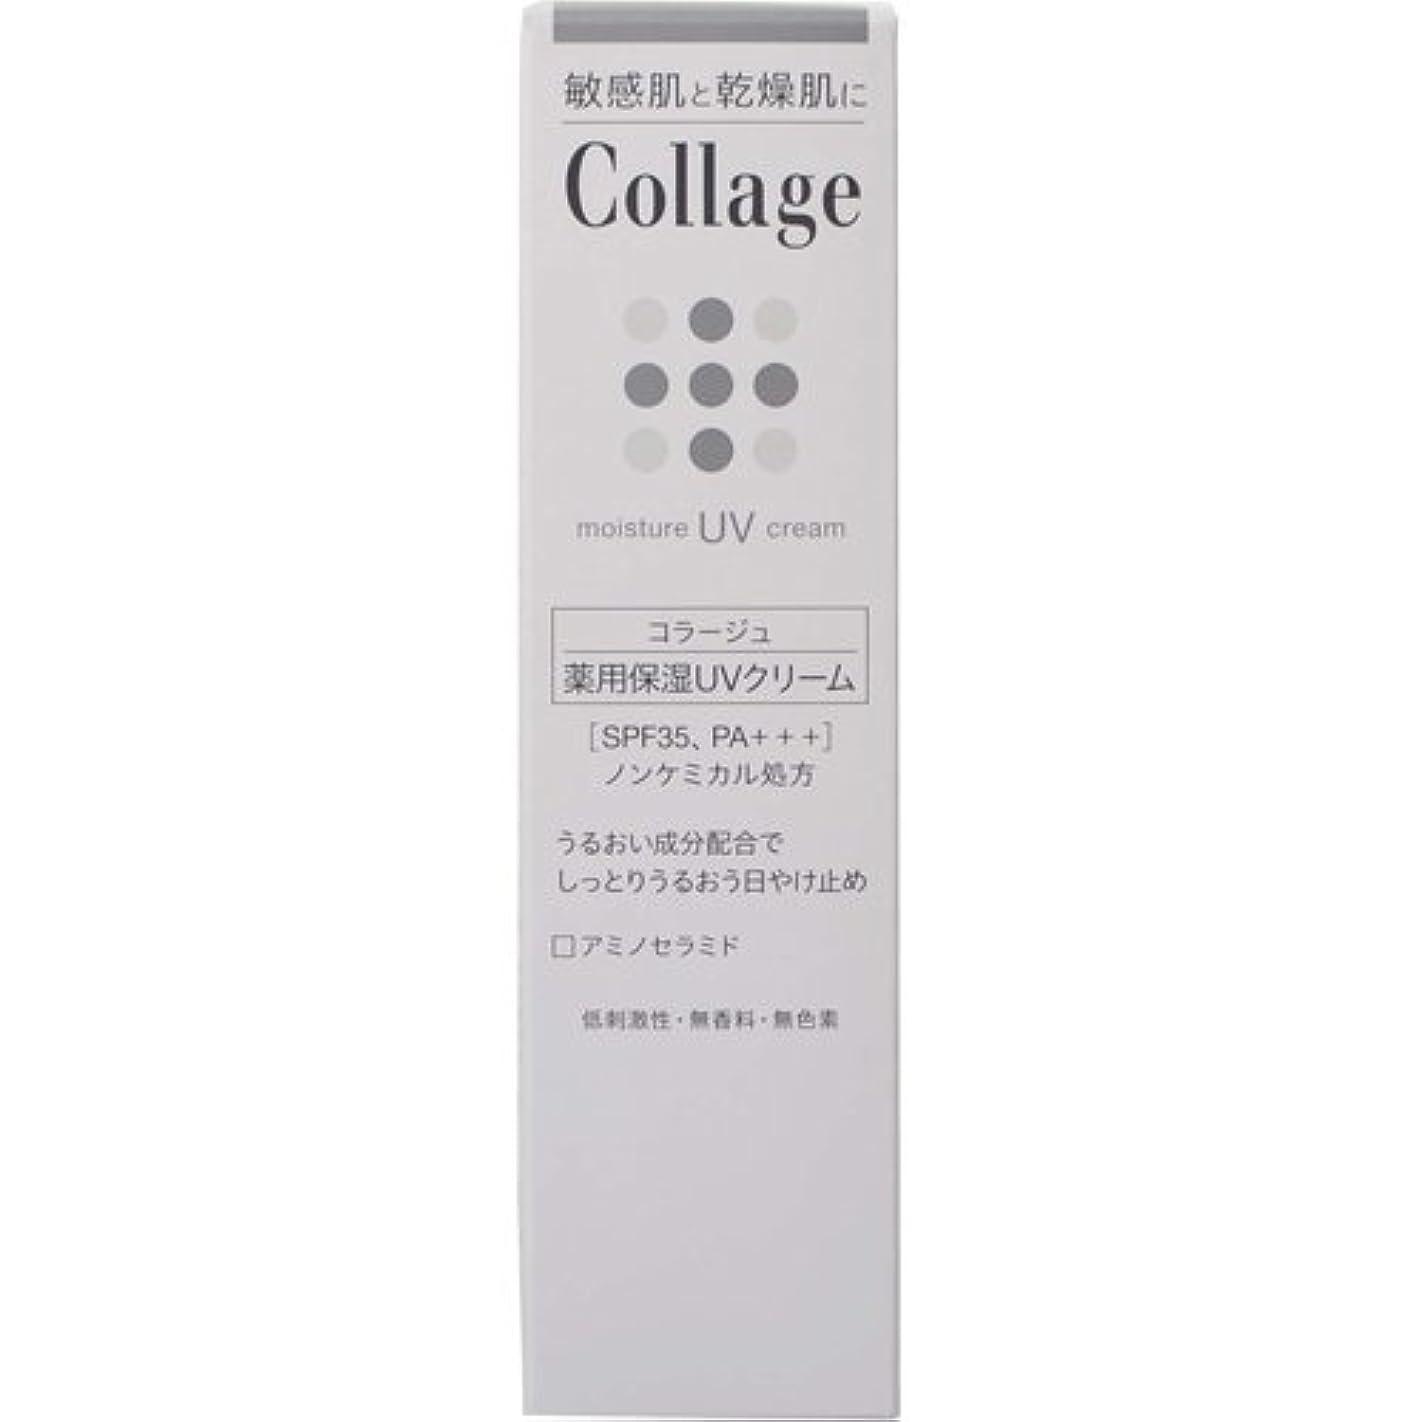 ブランデー進む遠えコラージュ 薬用保湿UVクリーム 30g 【医薬部外品】